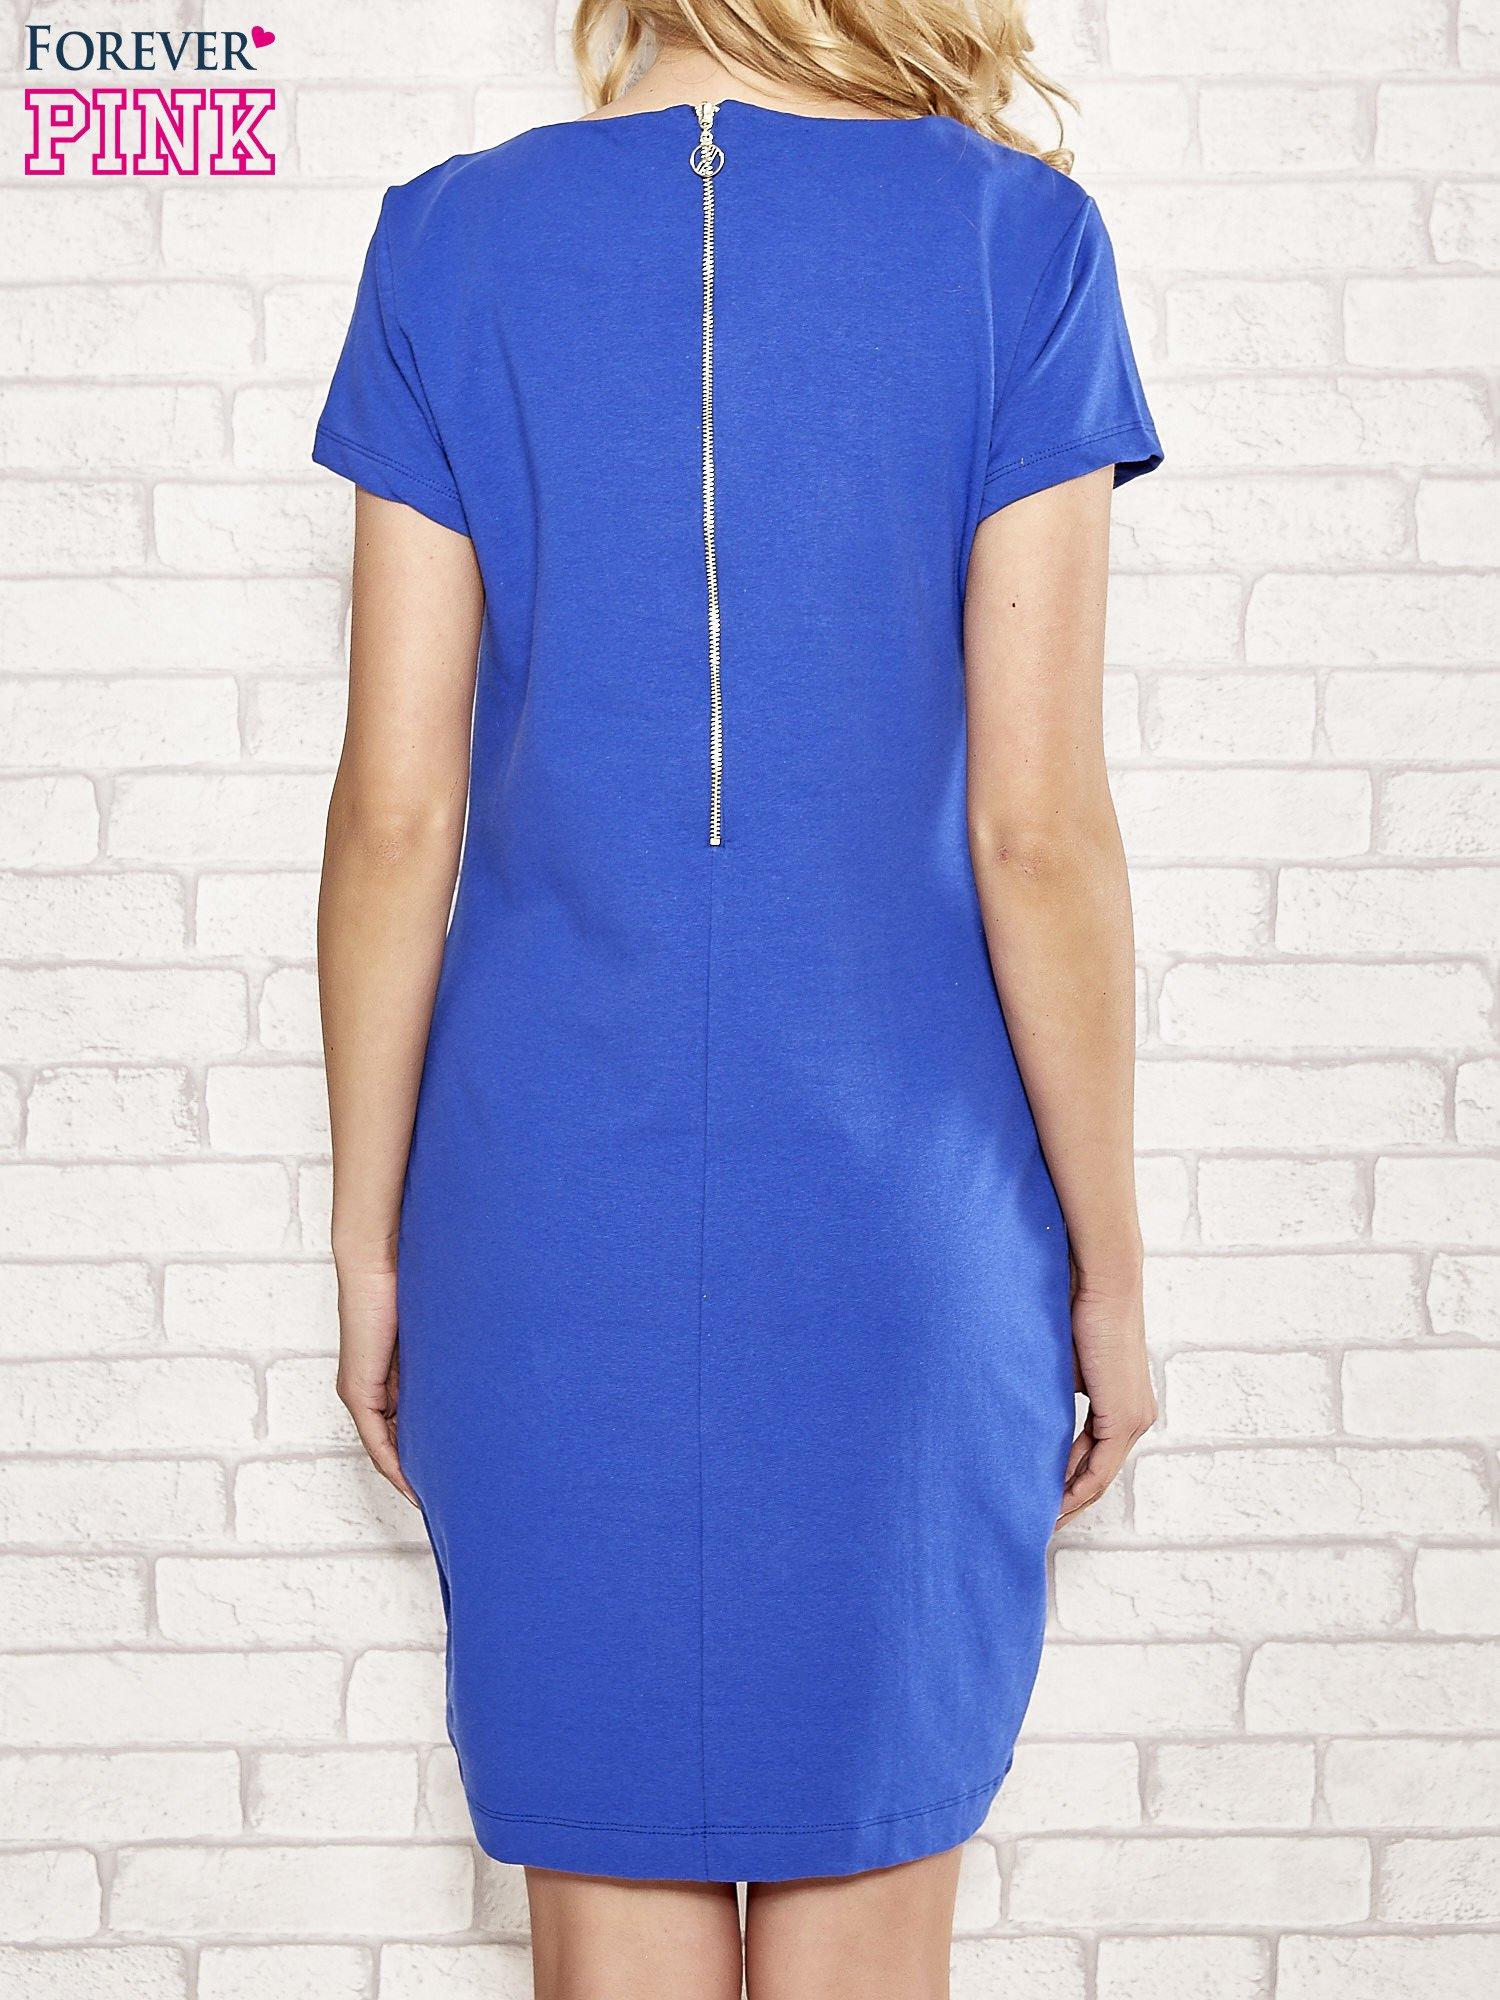 Niebieska sukienka dresowa o prostym kroju                                  zdj.                                  4